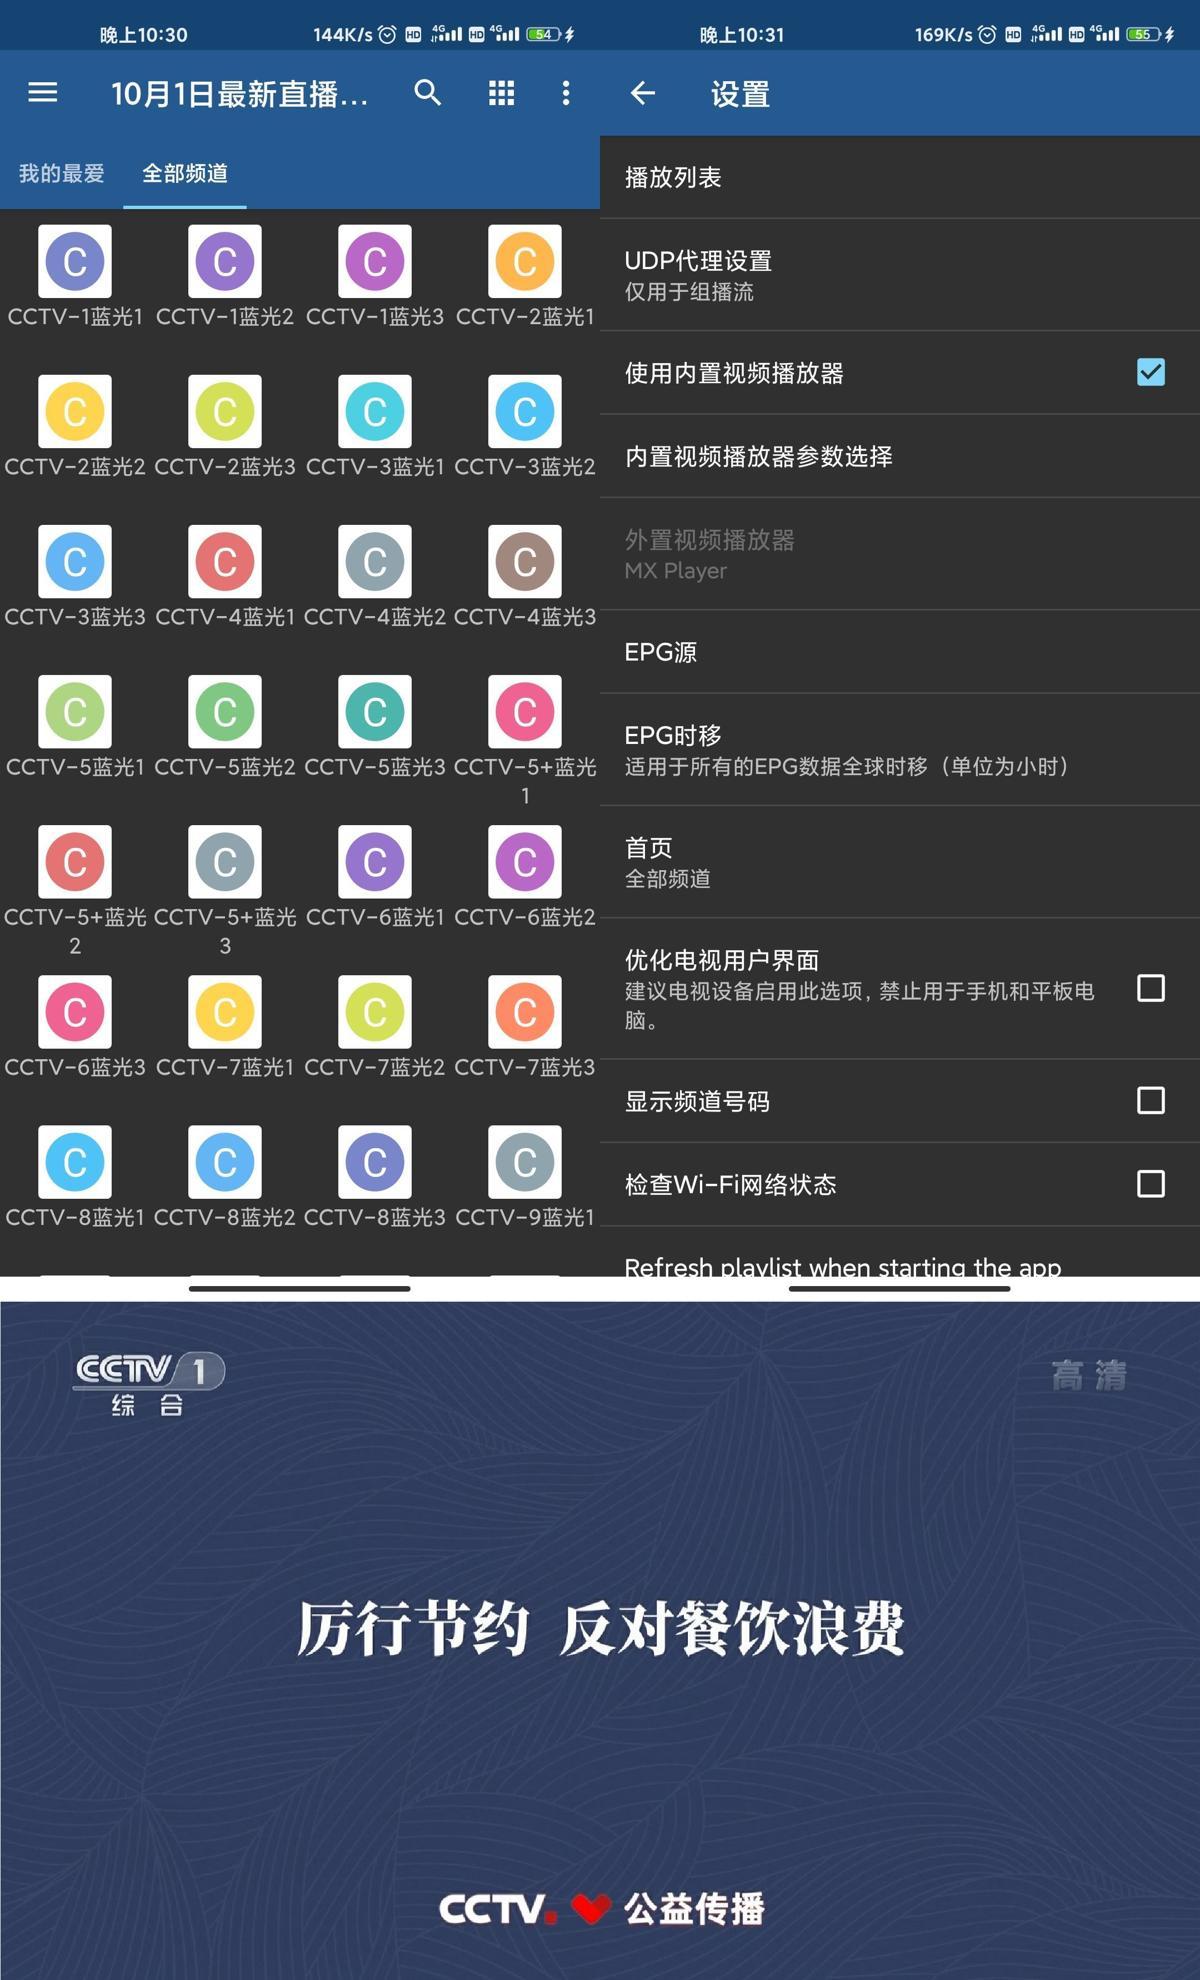 电视频道播放器 IPTV v6.0.11-云奇网